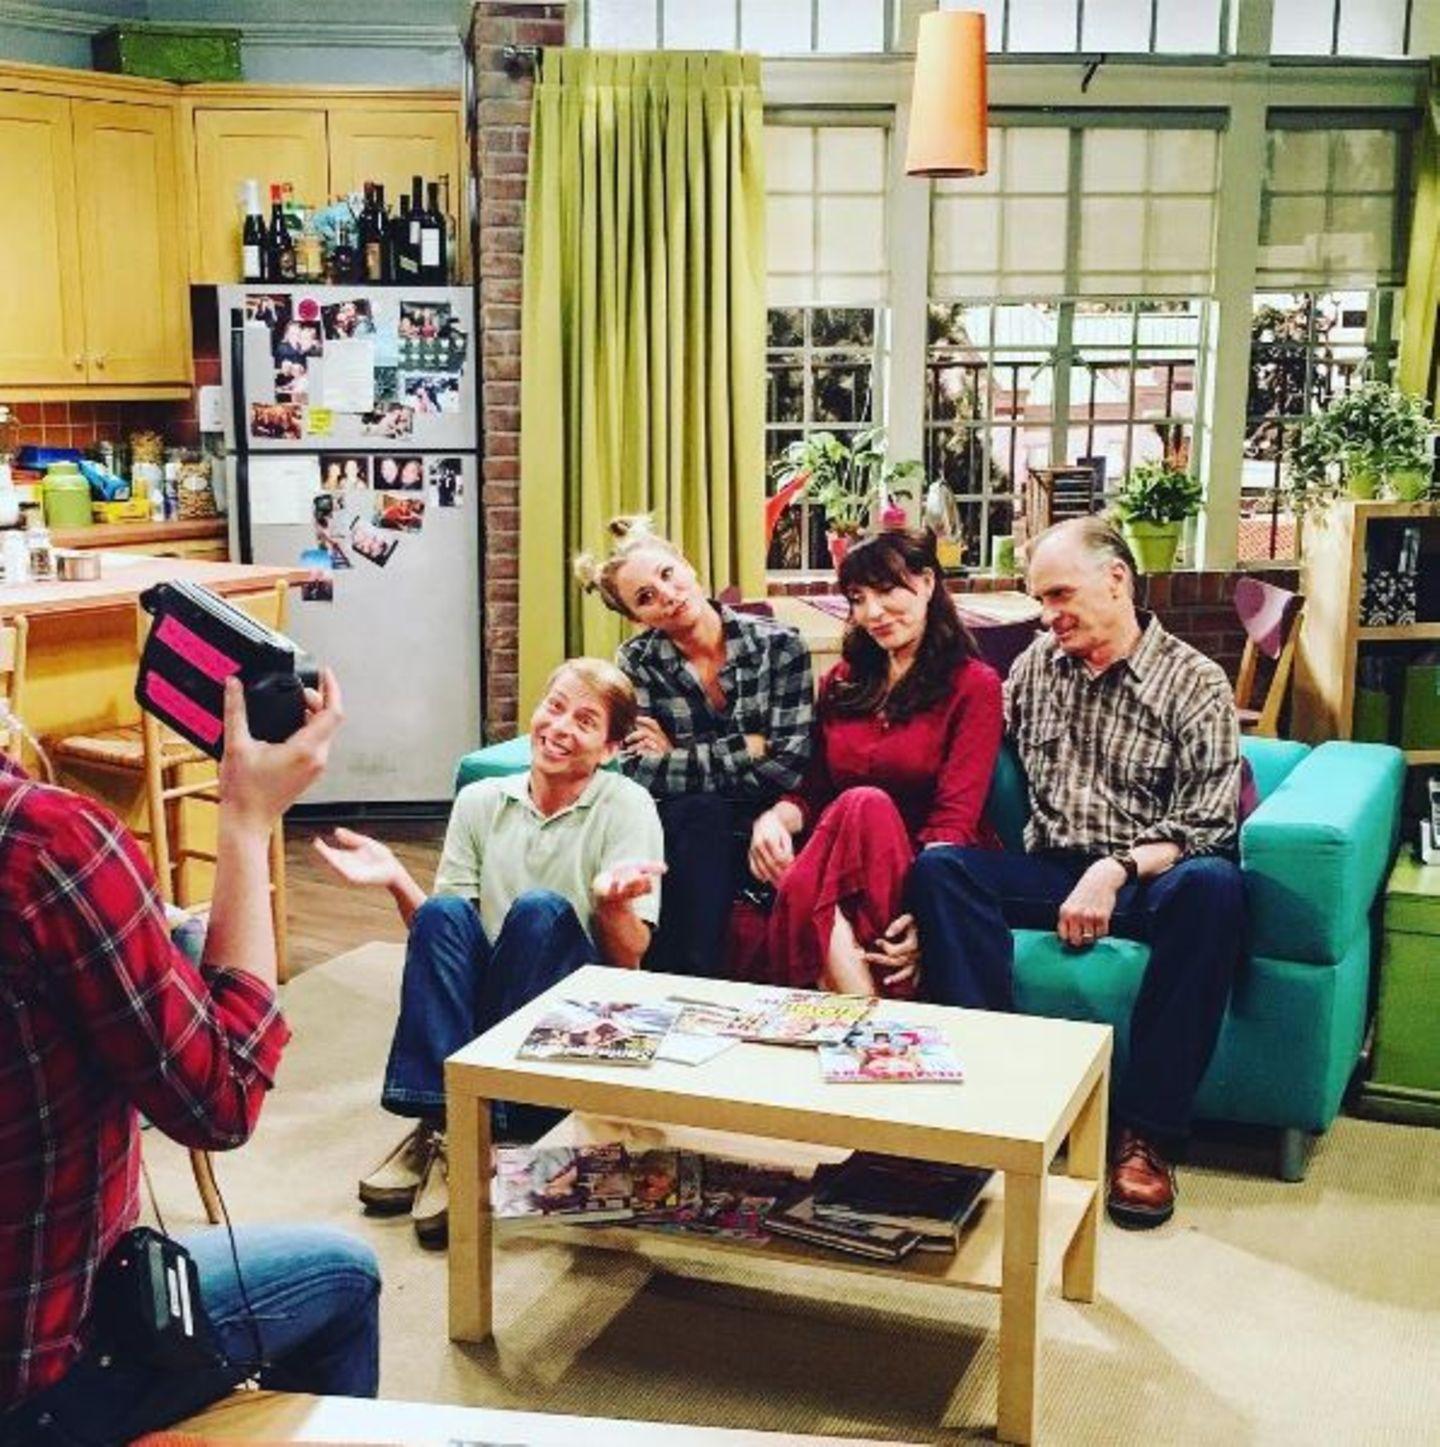 """Schauspielerin Kaley Cuoco erfreut """"The Big Bang Theory""""-Fans mit einem Foto ihrer Serienfamilie. Serienstar Katey Sagal spielt ihre Mutter Susan, Jack McBrayer den Bruder Randall und Keith Carradine Pennys Vater Wyatt."""